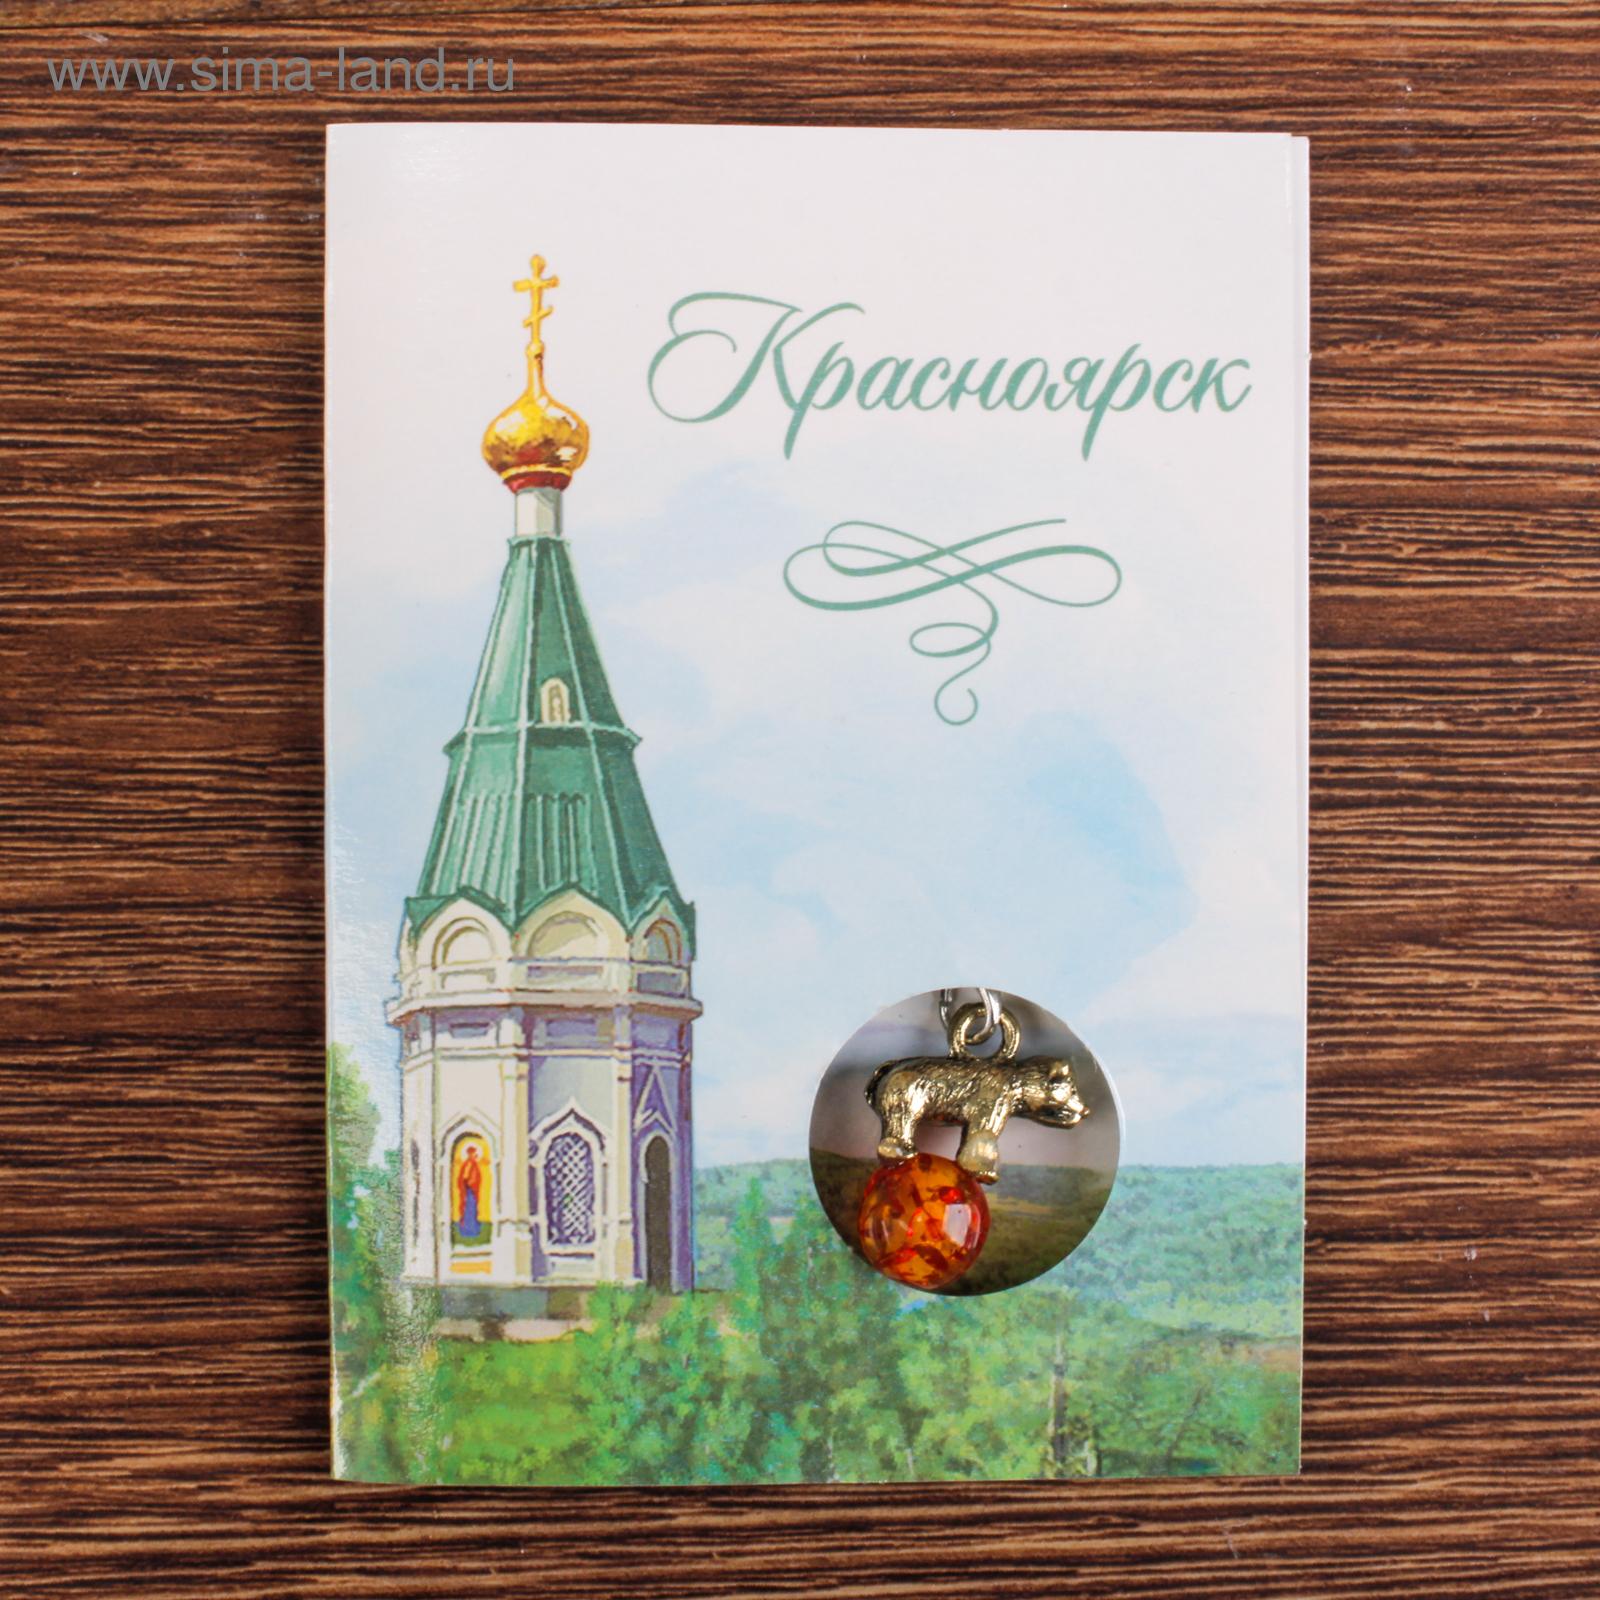 Про украину, открытка с подвеской новосибирск мишка на шаре